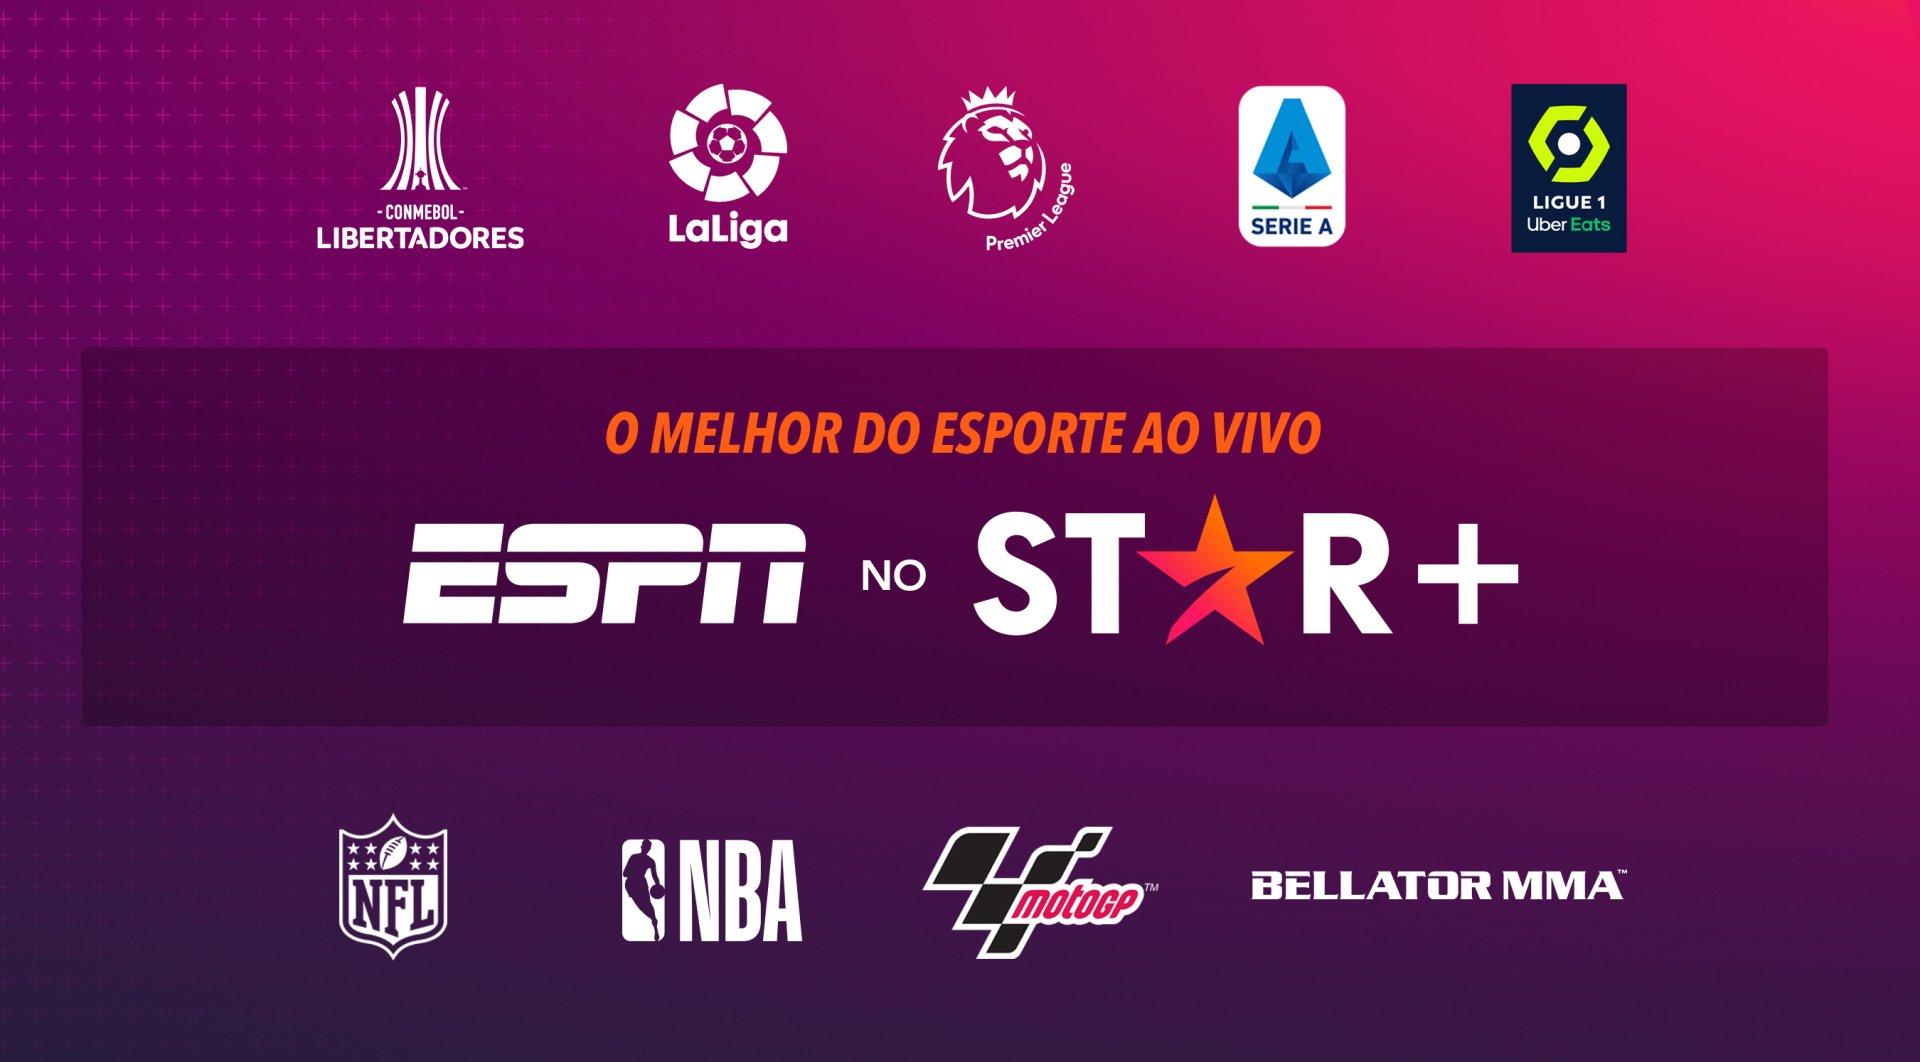 Algumas das categorias esportivas presentes no Star+ em imagem de divulgação (Crédito: divulgação / Disney)